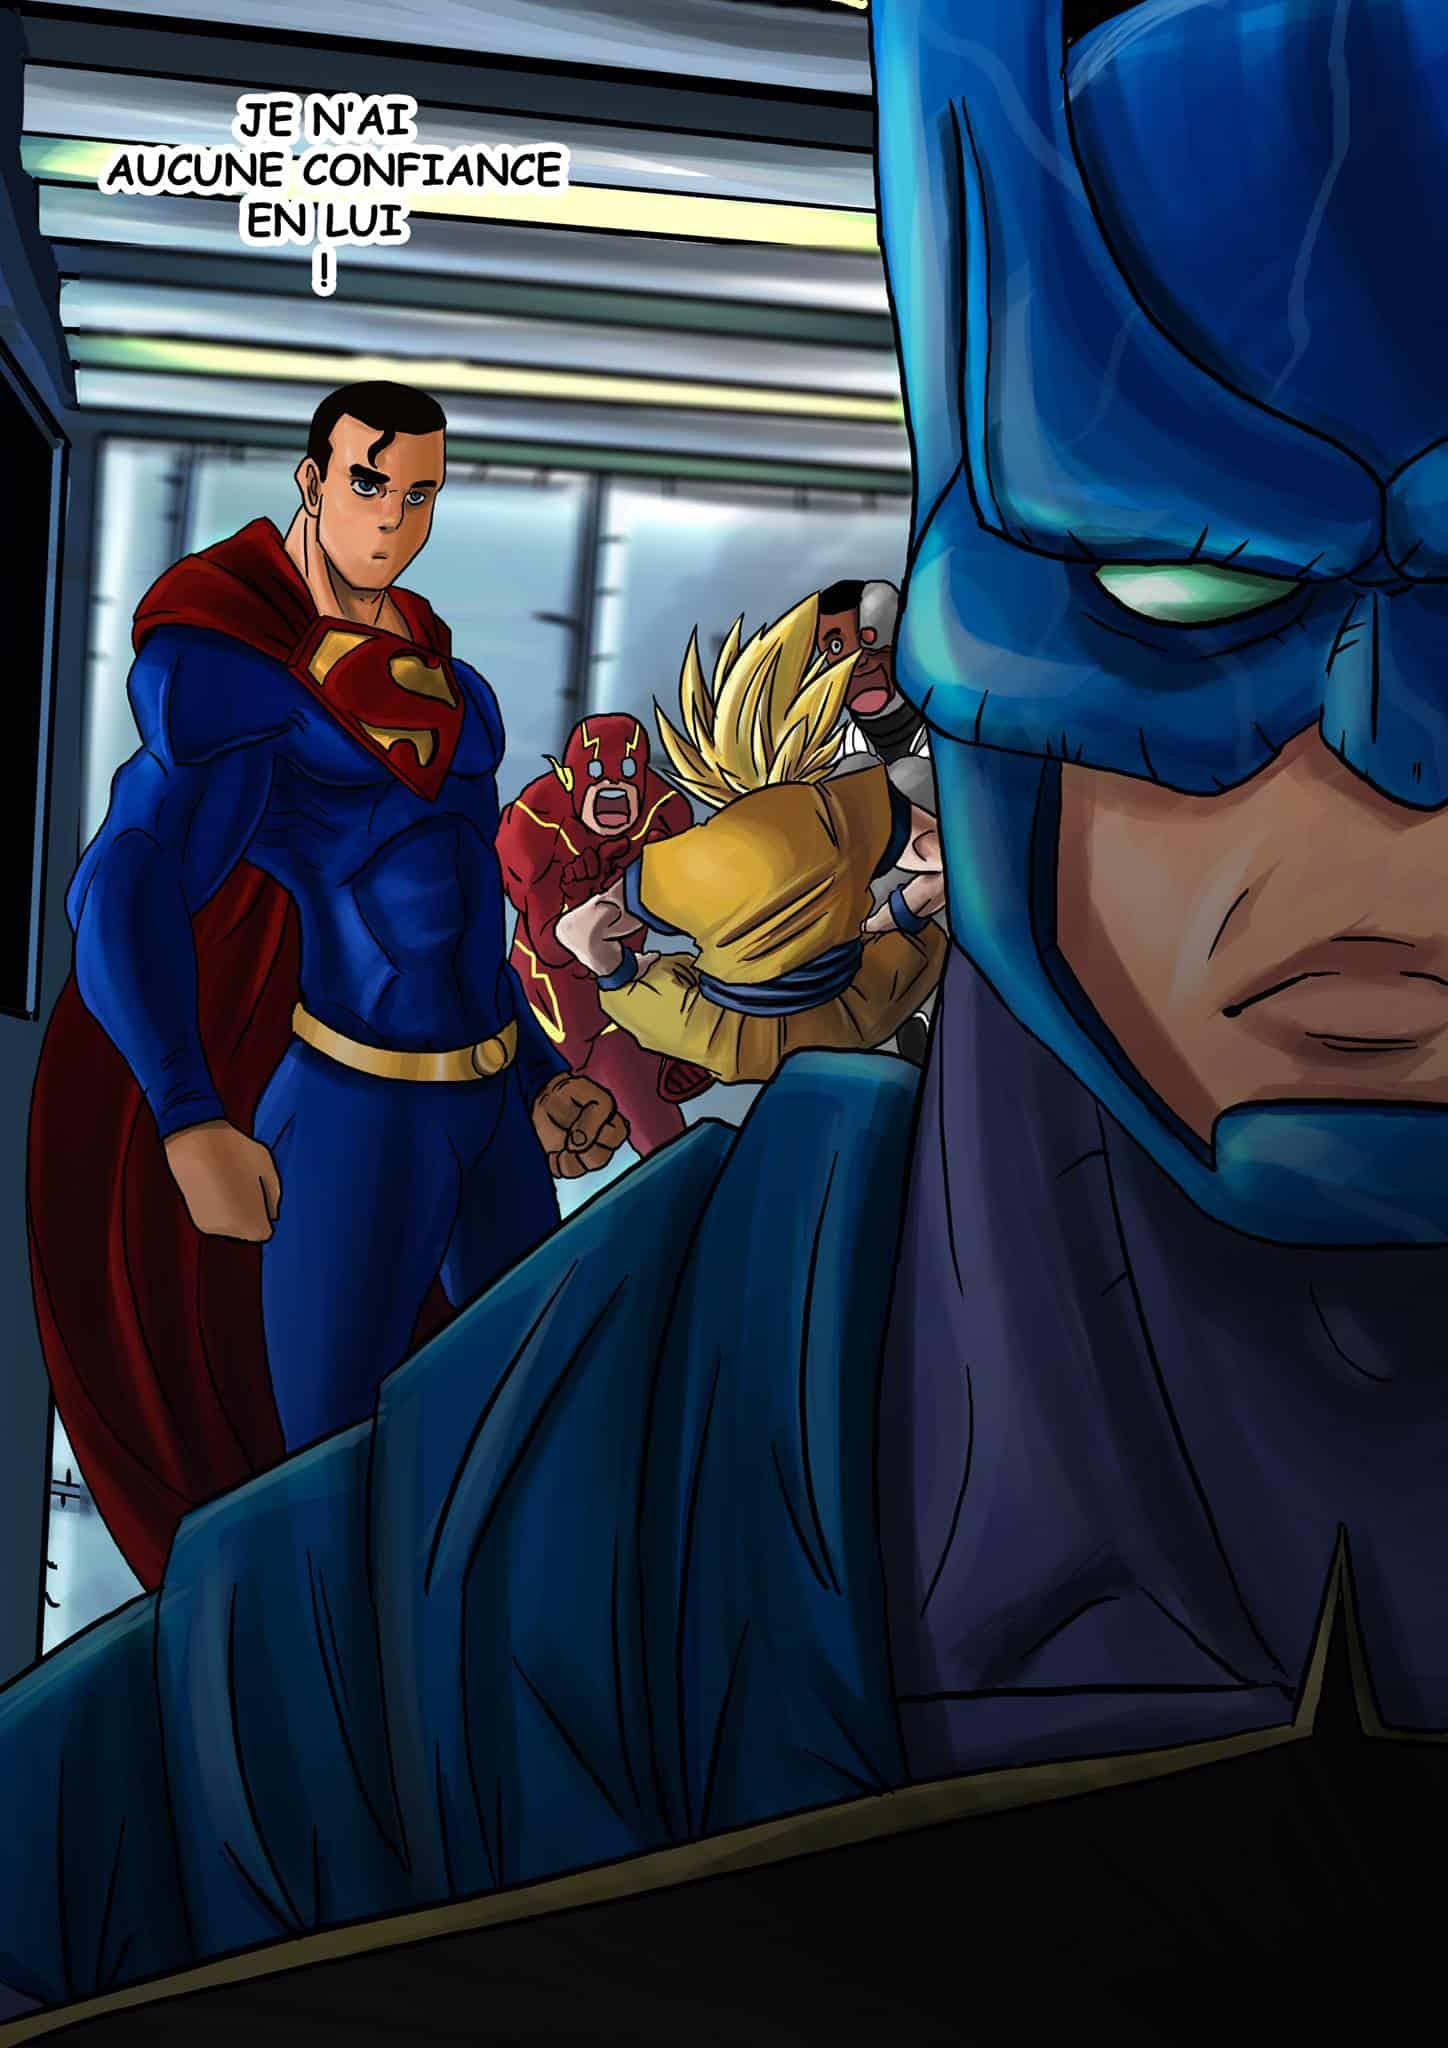 Justice league goku - 8